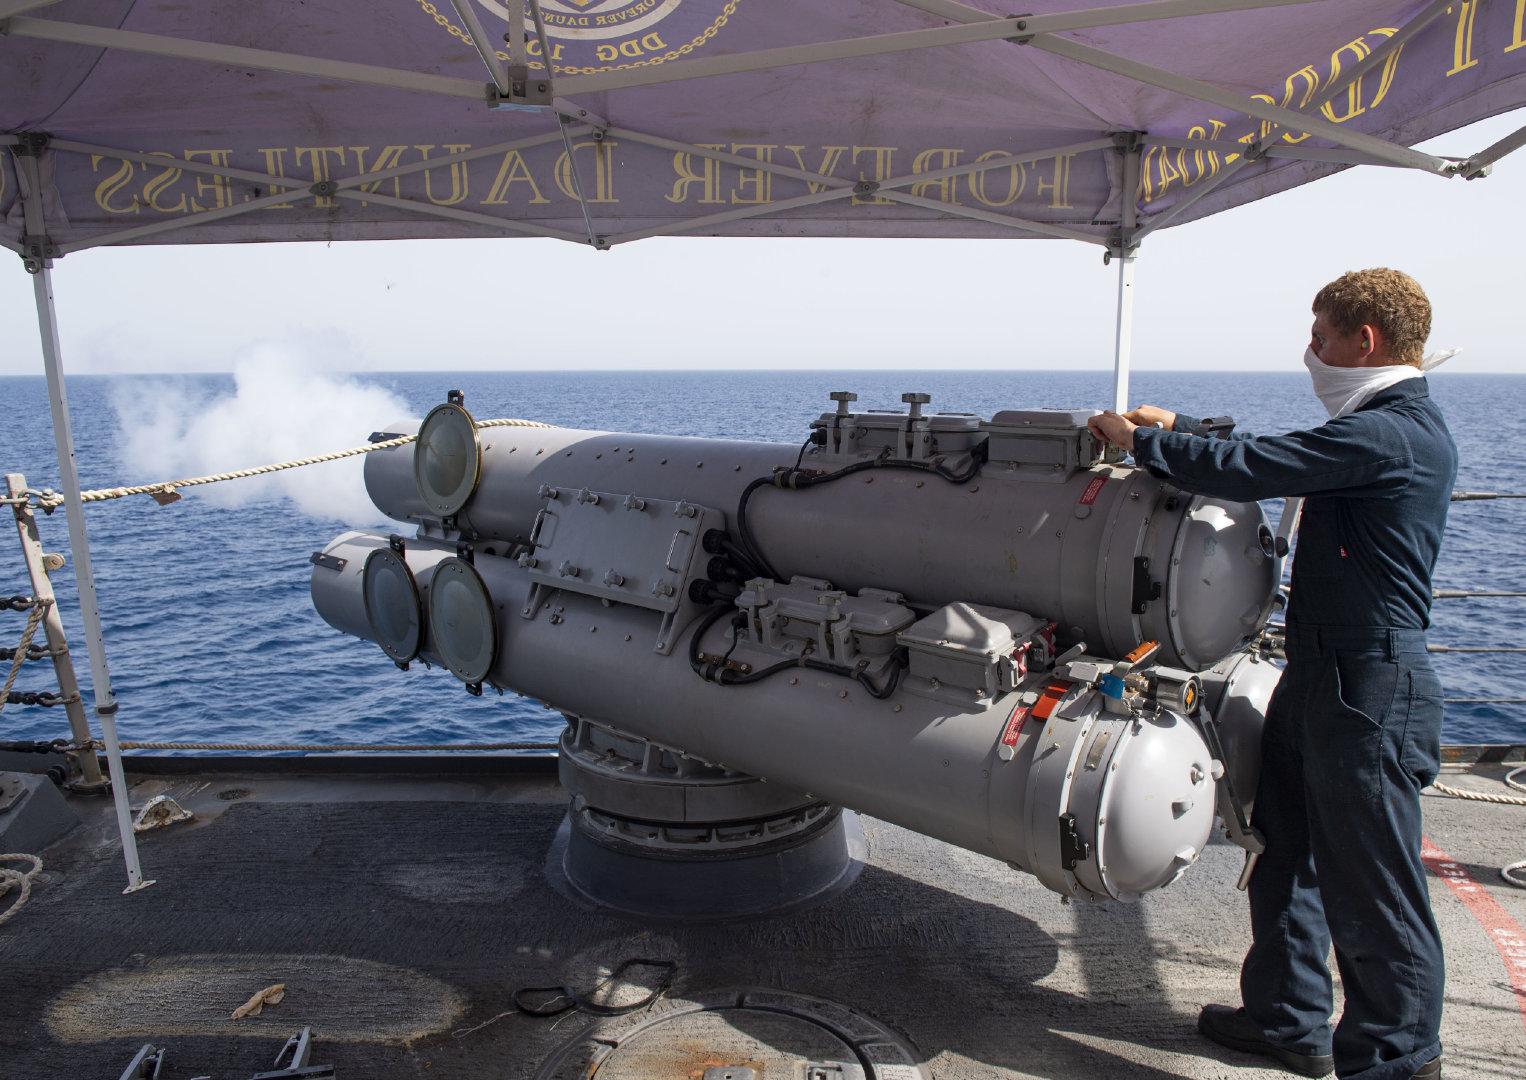 阿曼湾(2020年8月31日)阿利·伯克(Arleigh Burke)级导弹驱逐舰斯